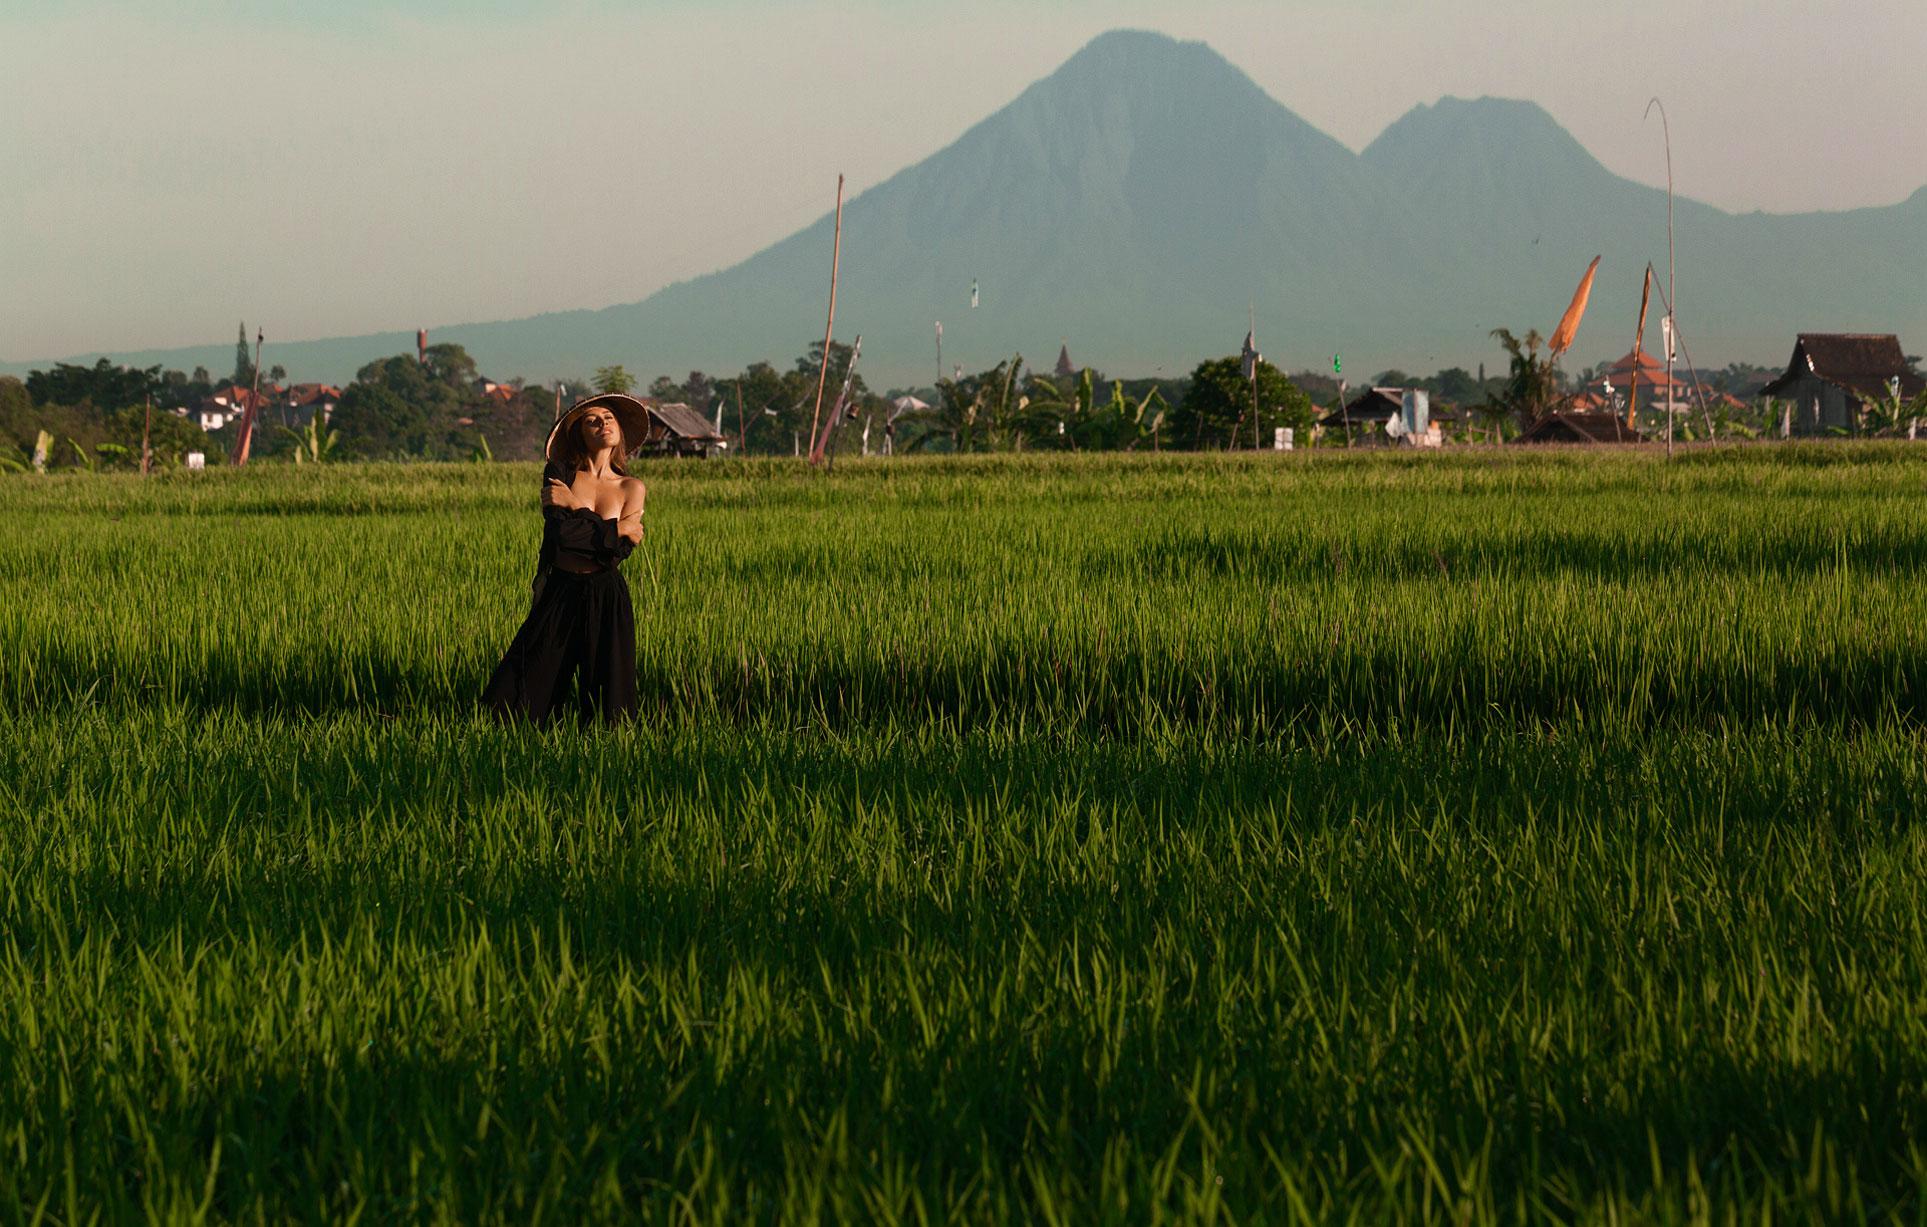 Ксения Мио во вьетнамском поле, фотограф Светлана Никонова / фото 01